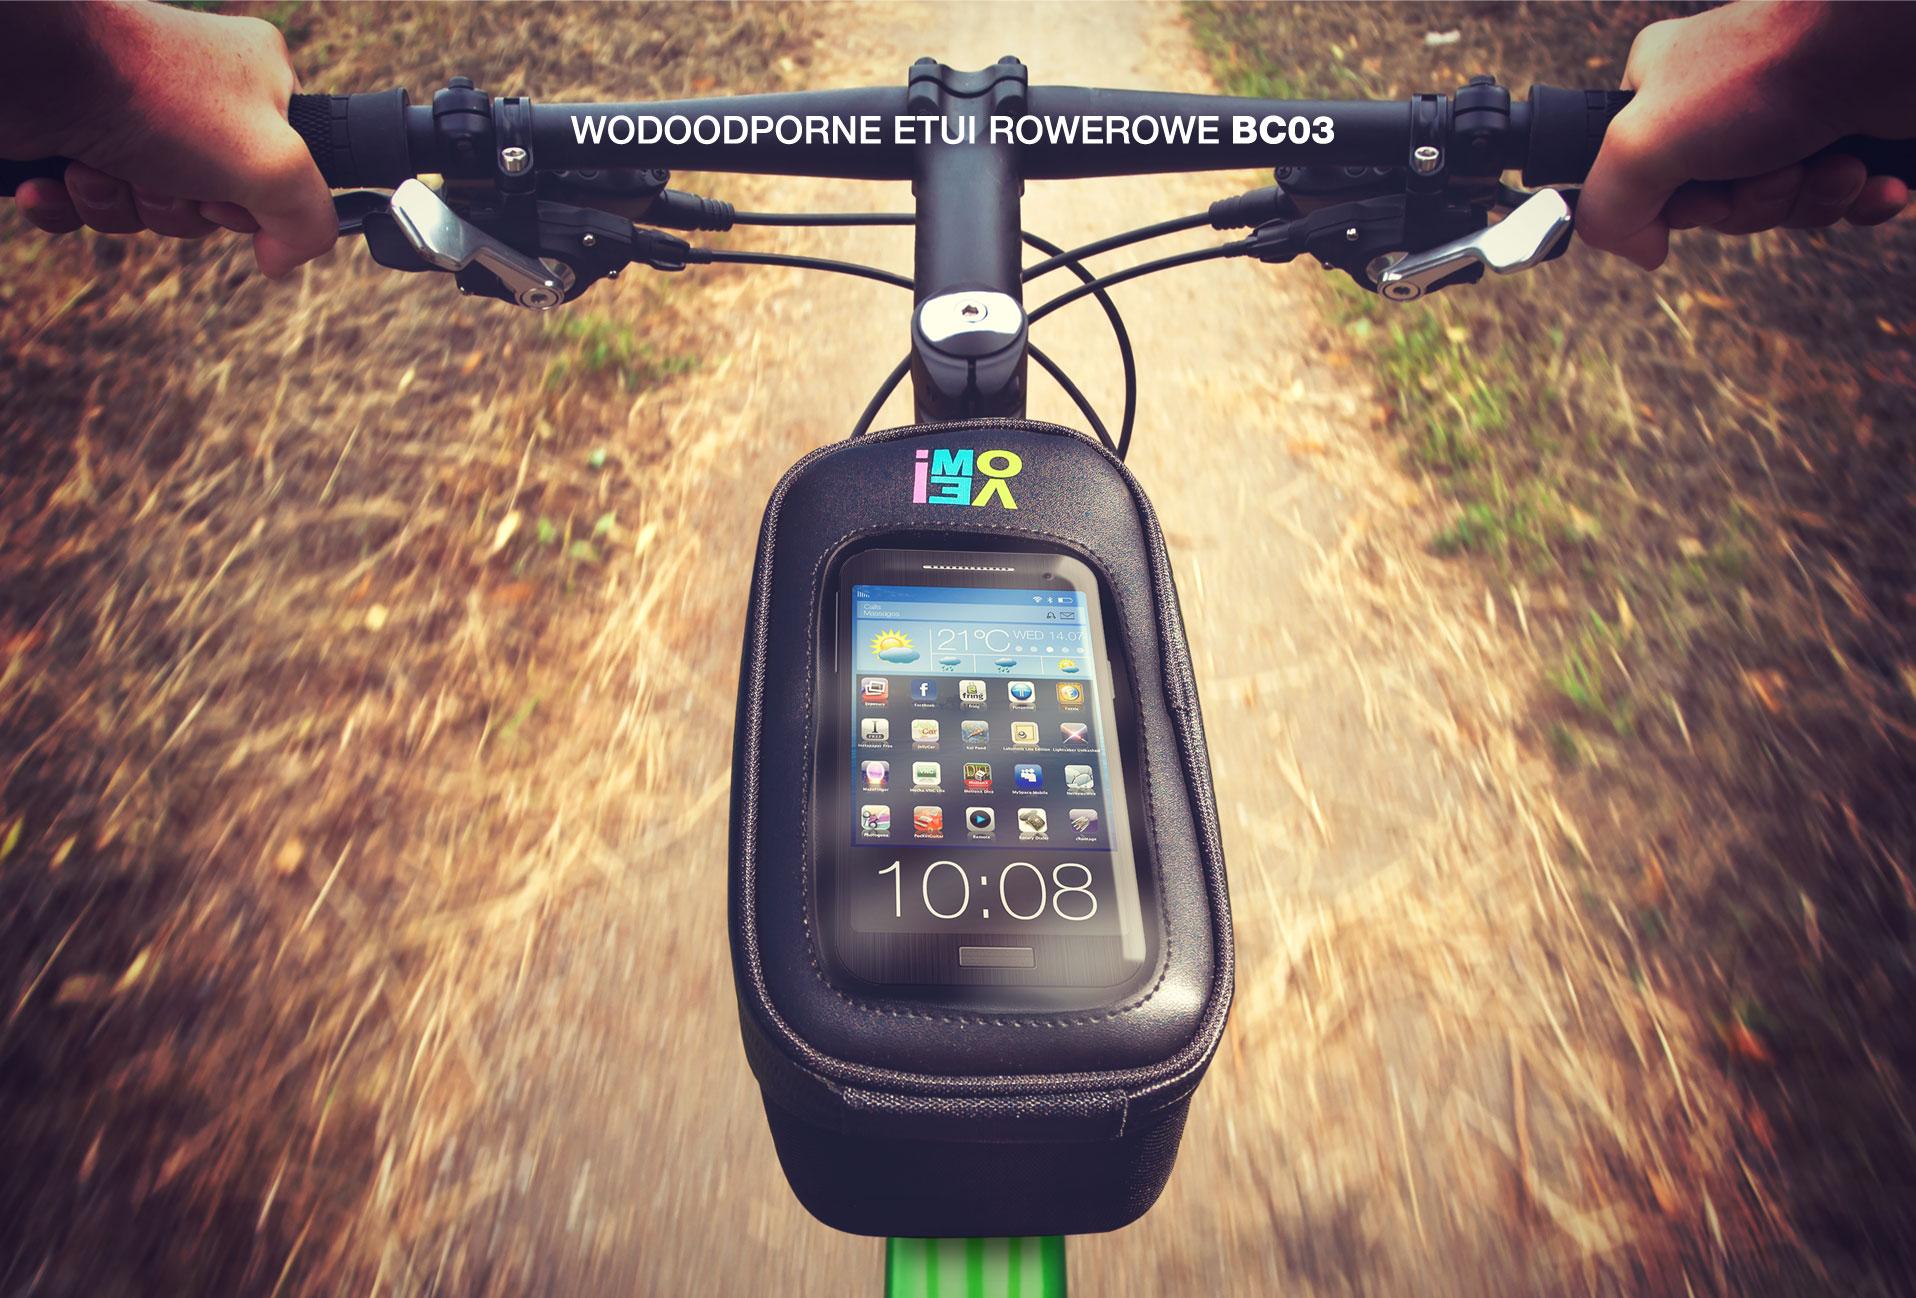 Wodoodporne etui rowerowe BC03.